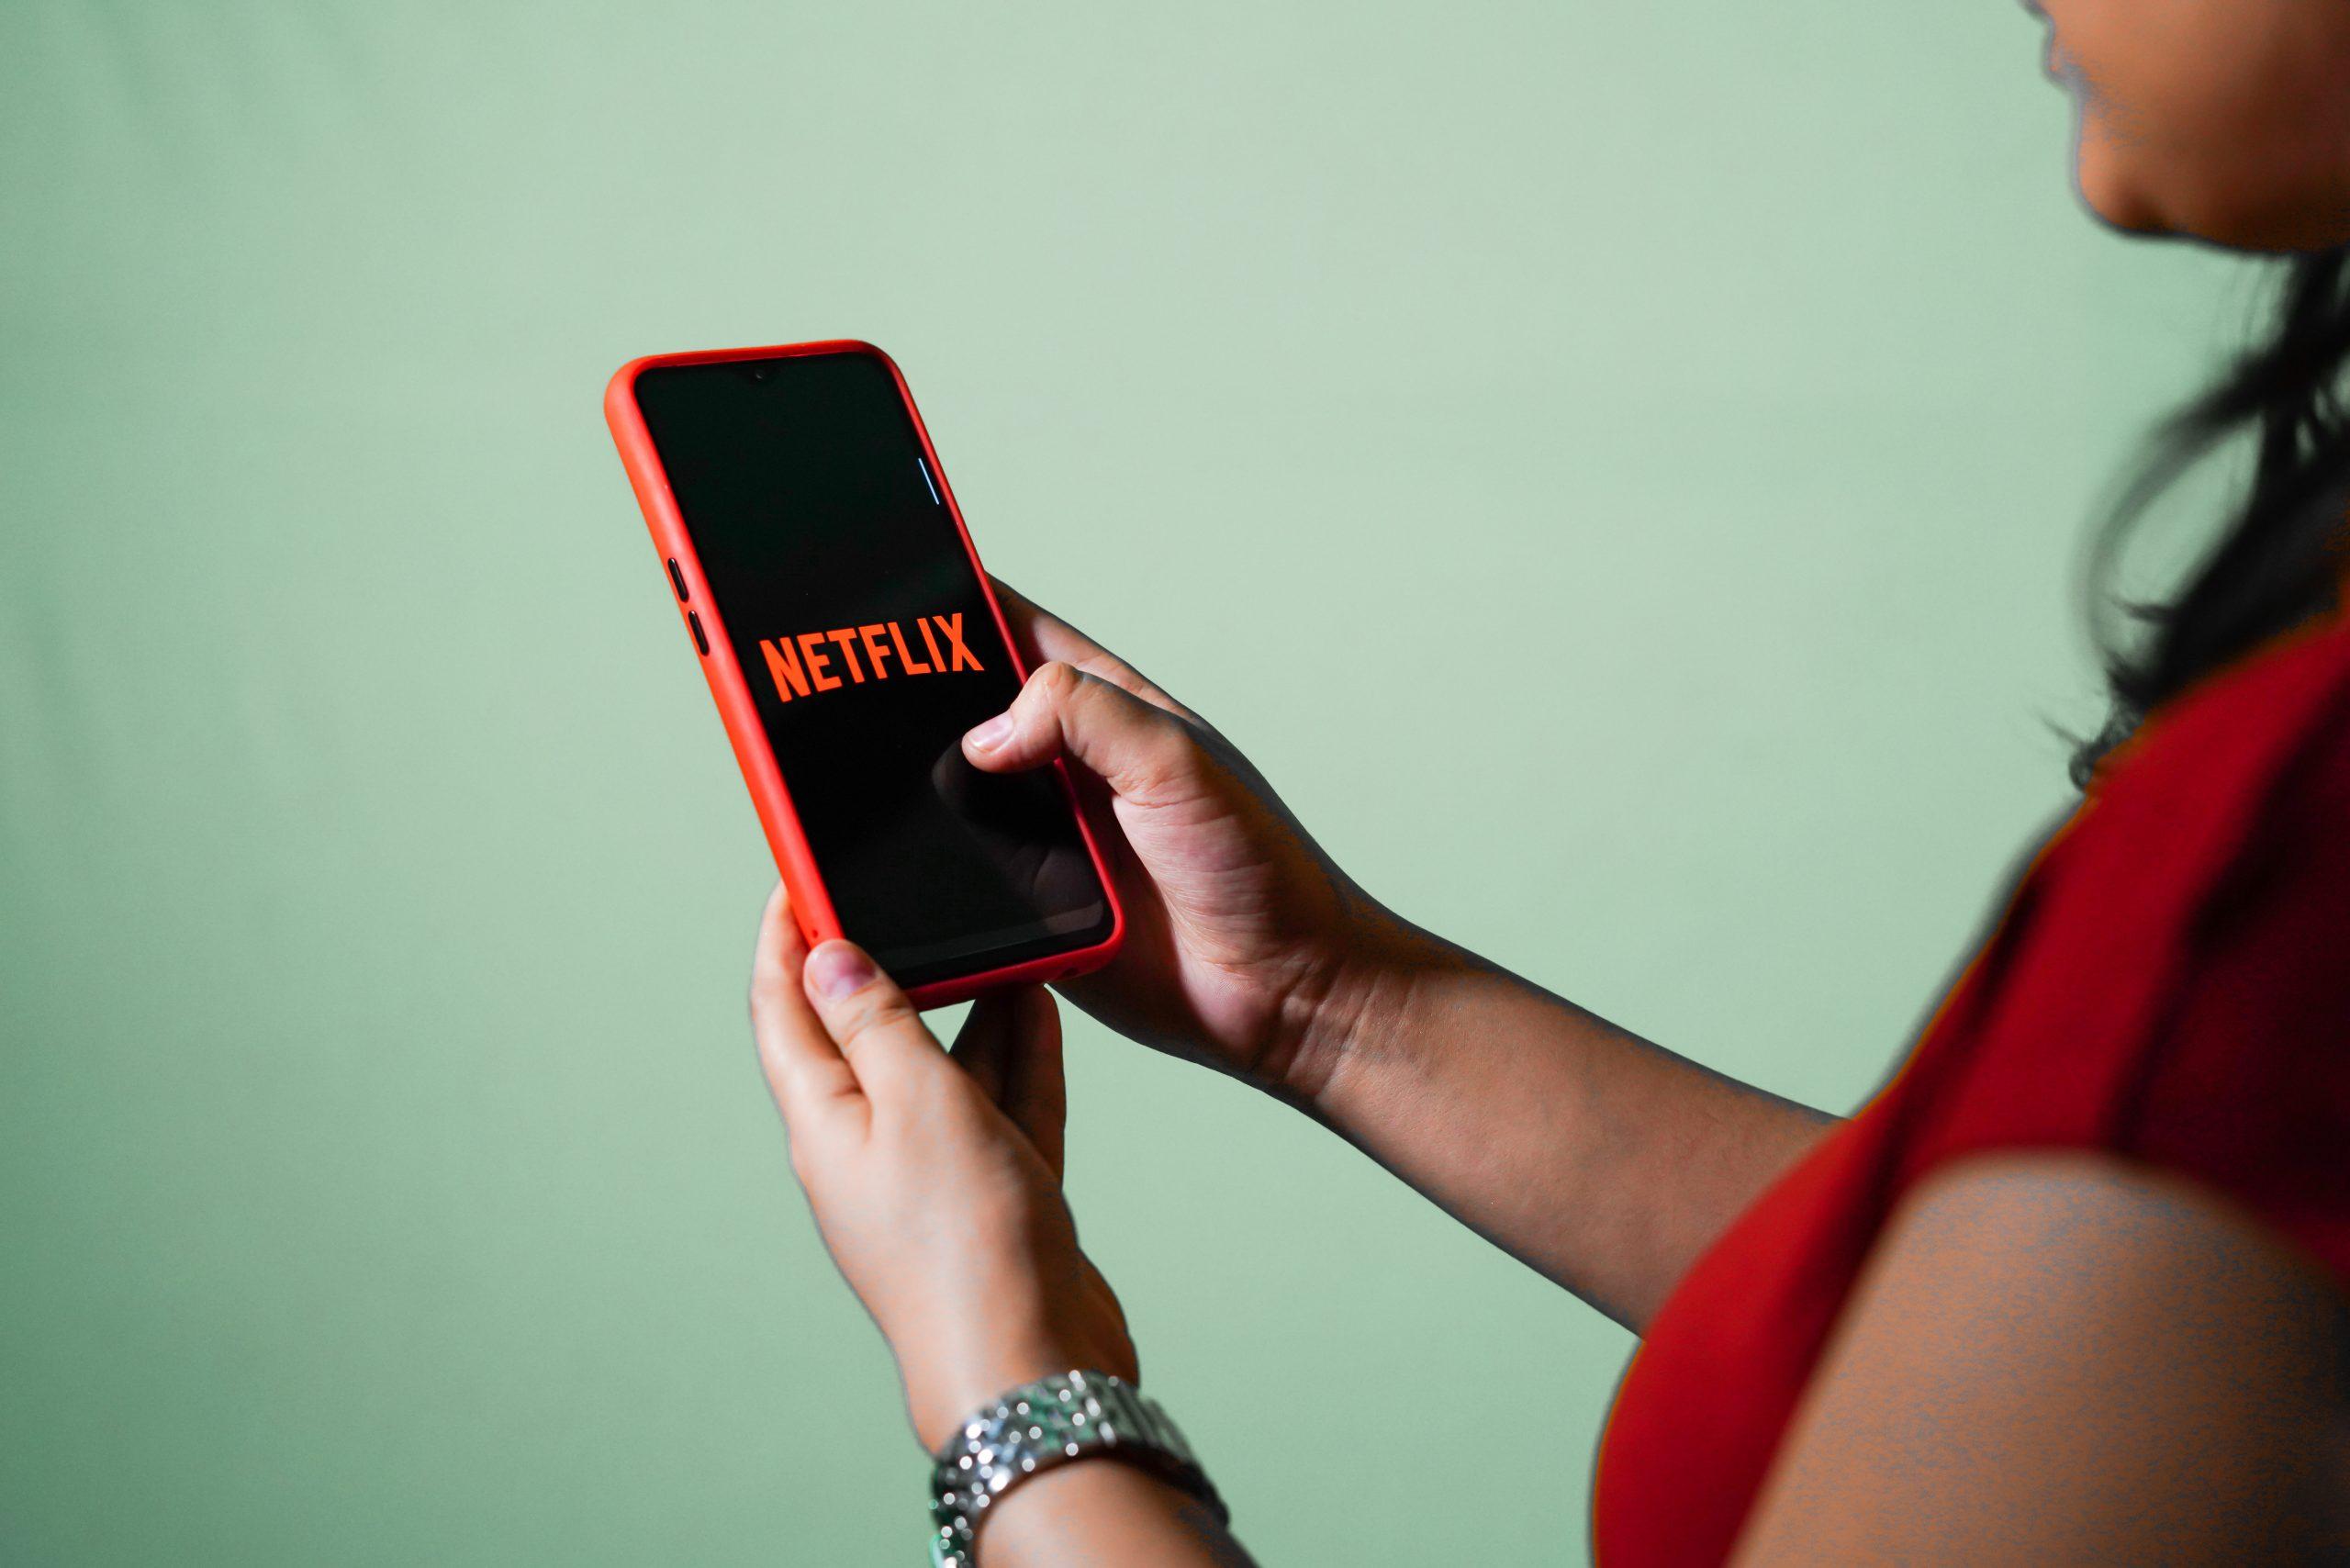 Watching on Netflix